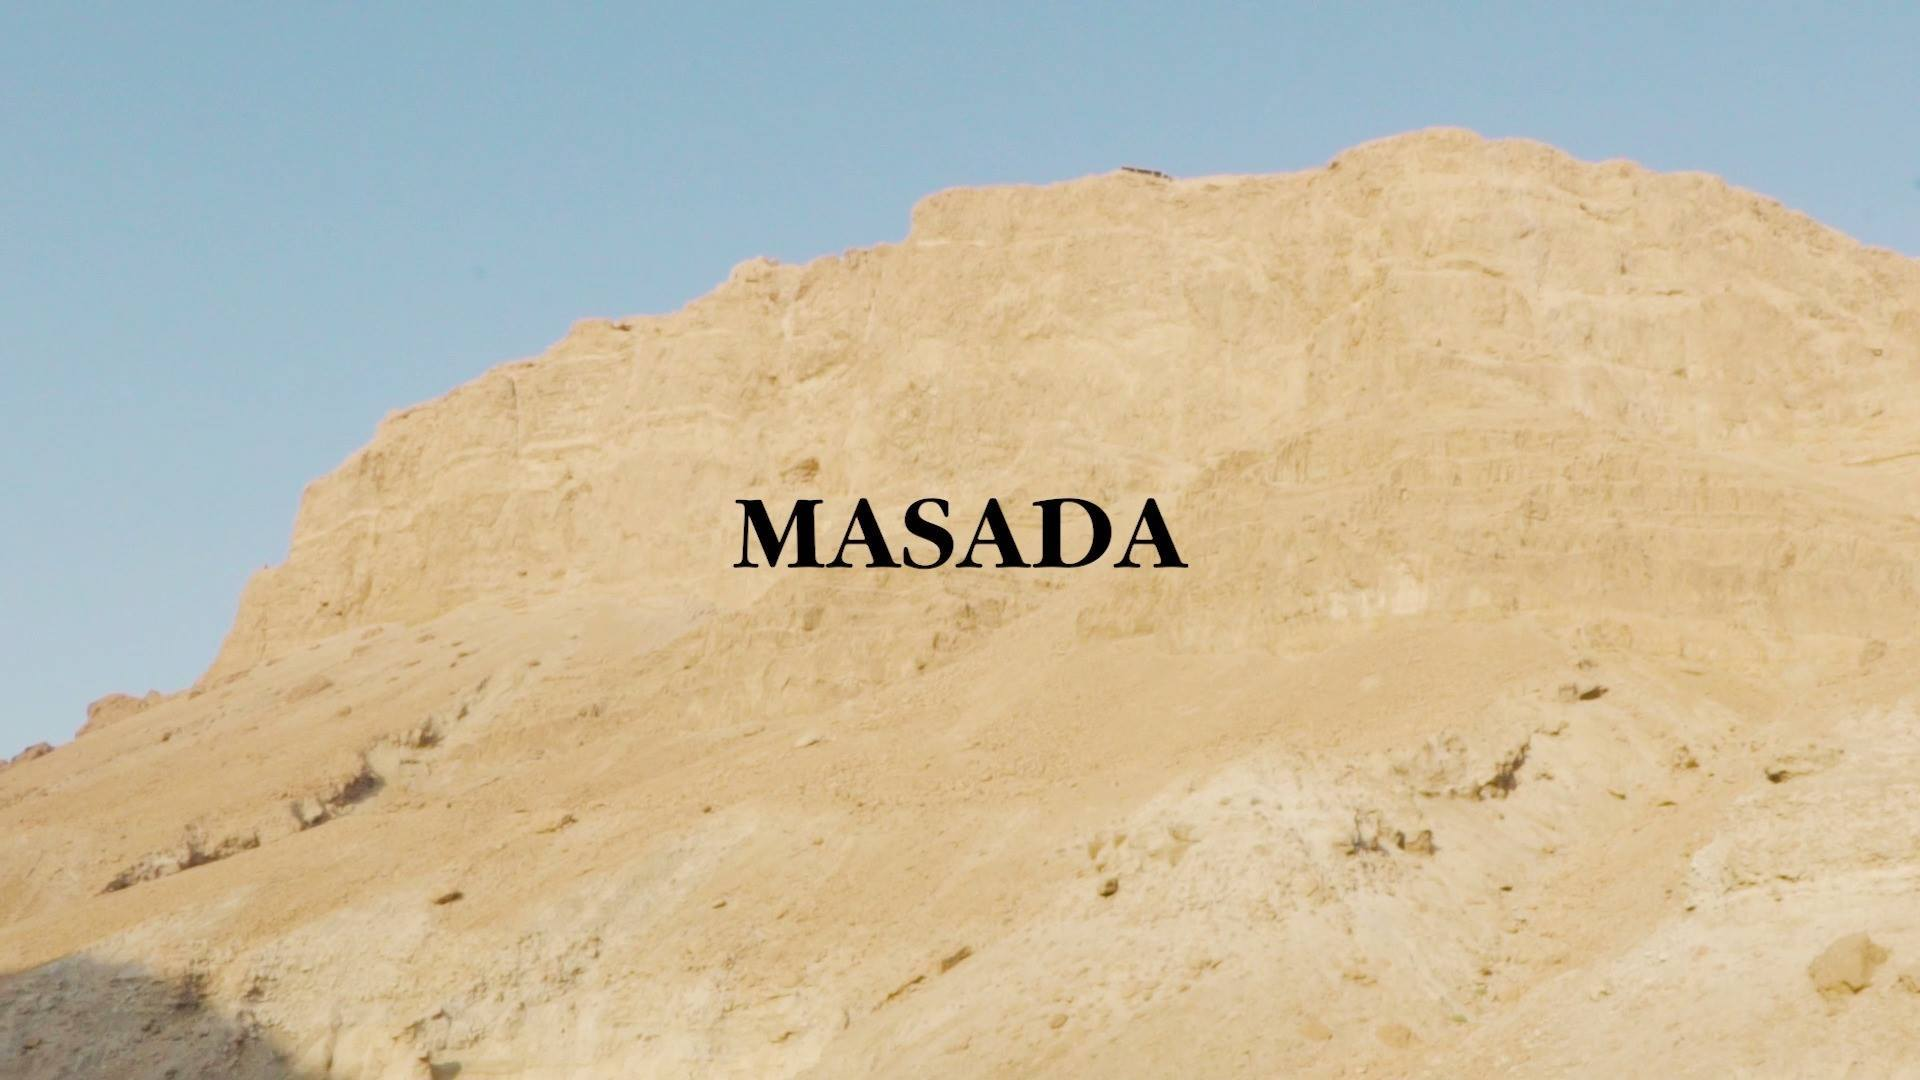 IST 2018 - Masada